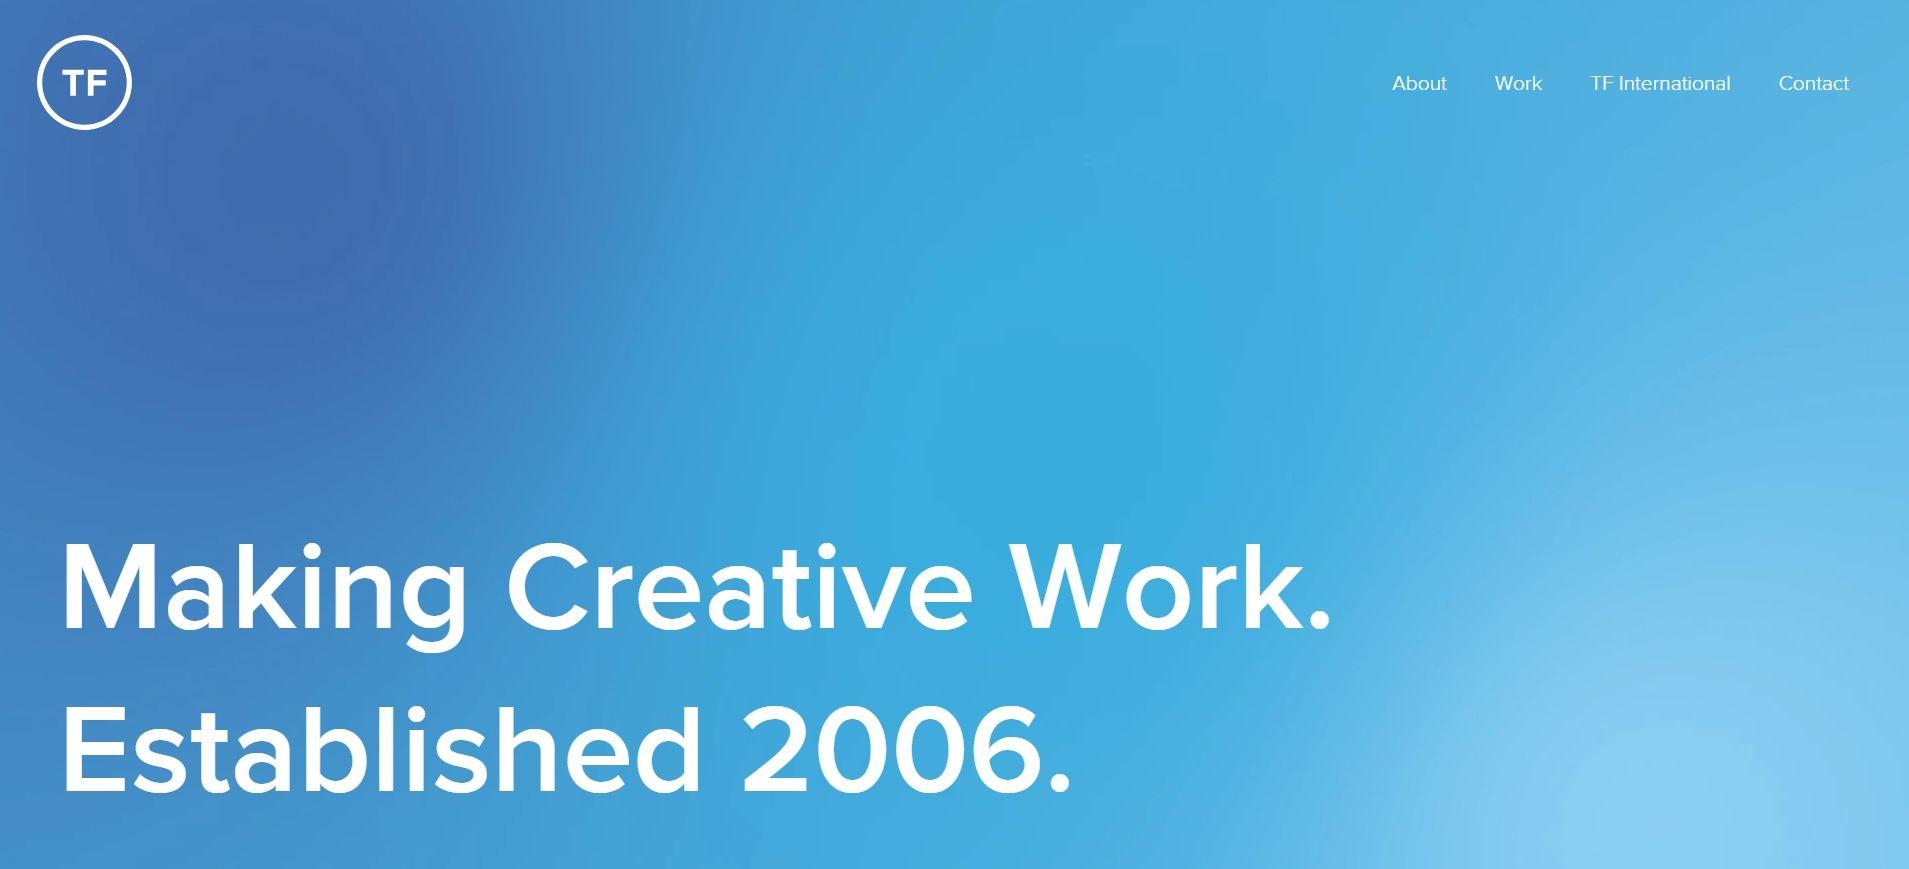 Ukázka využití velkého fontu na webu theobaldfox.com